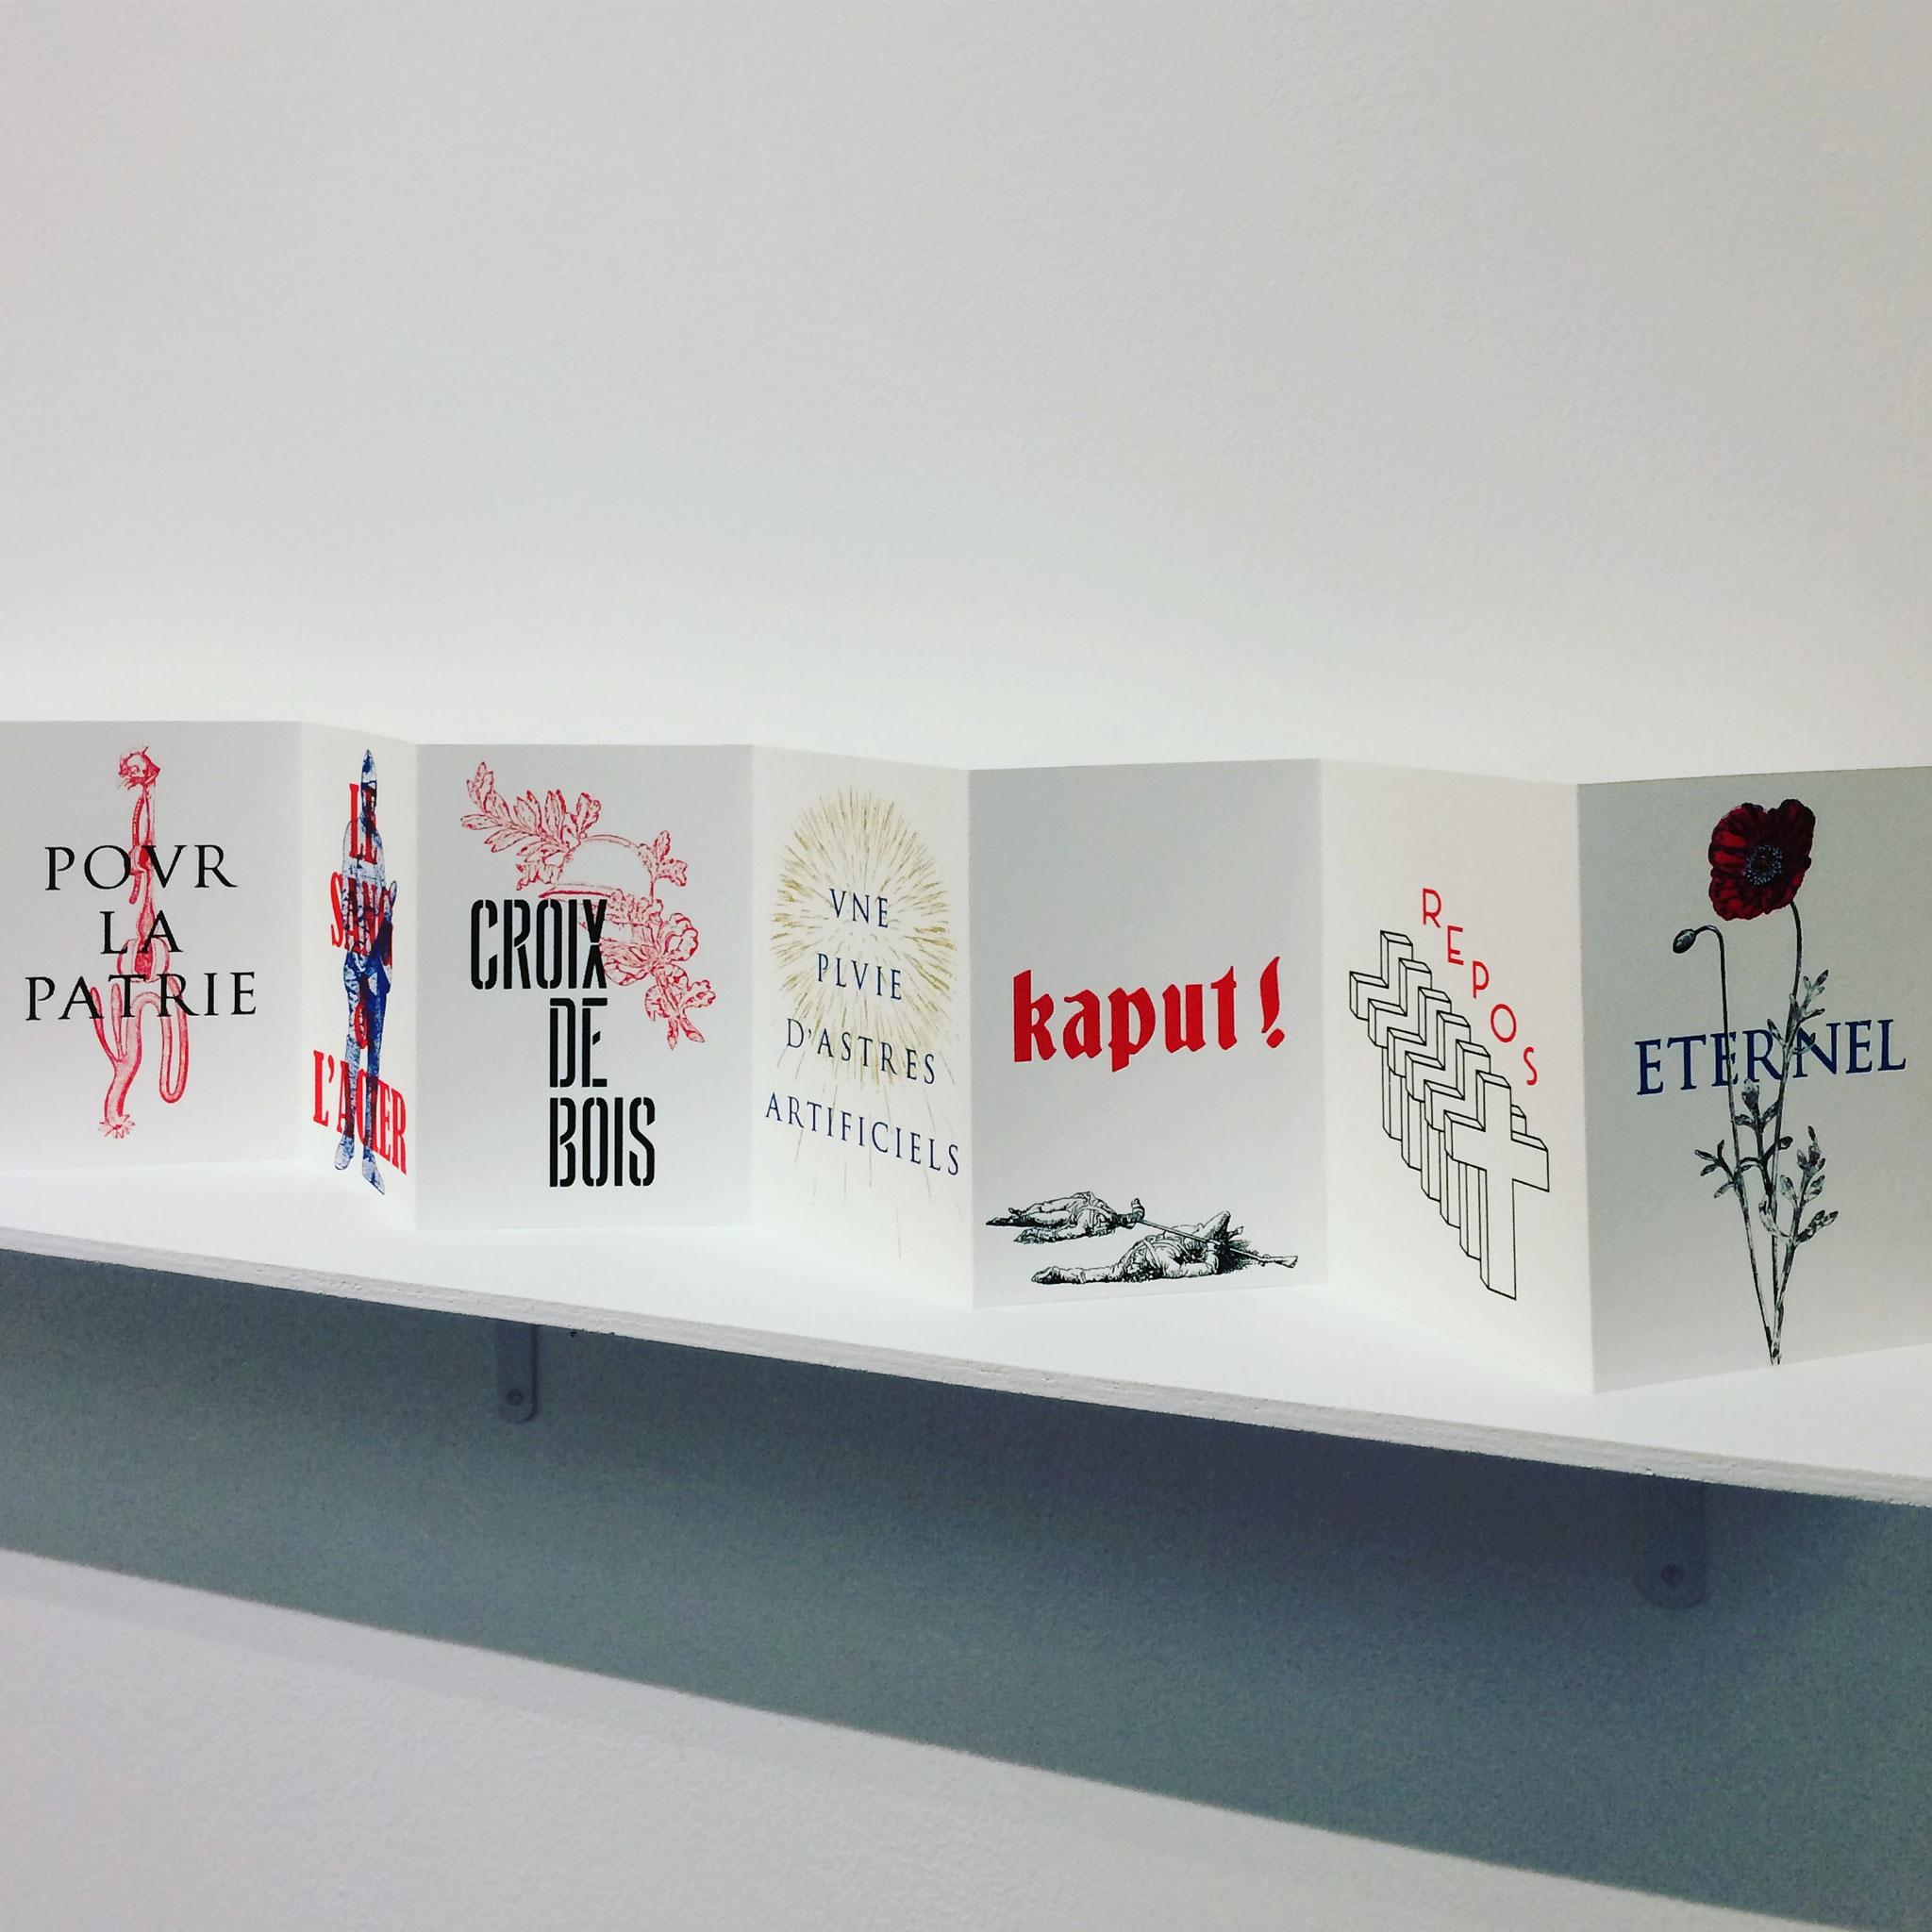 À nos enfants, 2017. Leporello sérigraphié, 50 exemplaires. Photo : L'aparté